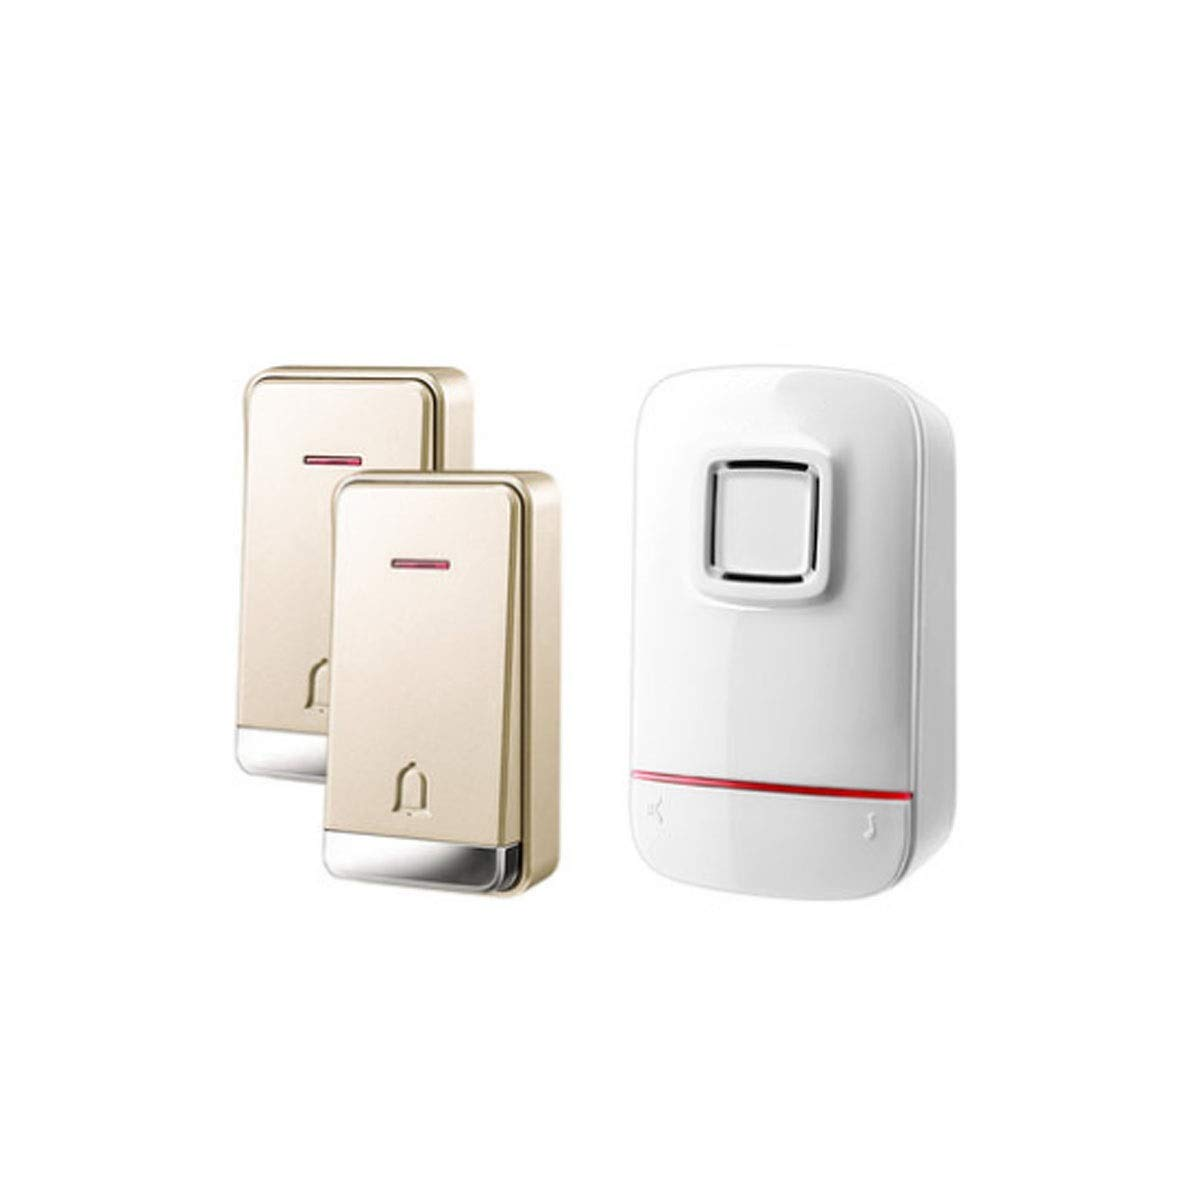 8haowenju Campanello, campanello senza fili a spinta wireless comodo, essenziale per unità di grandi dimensioni (bianco) (Style   Style3(two drag one))